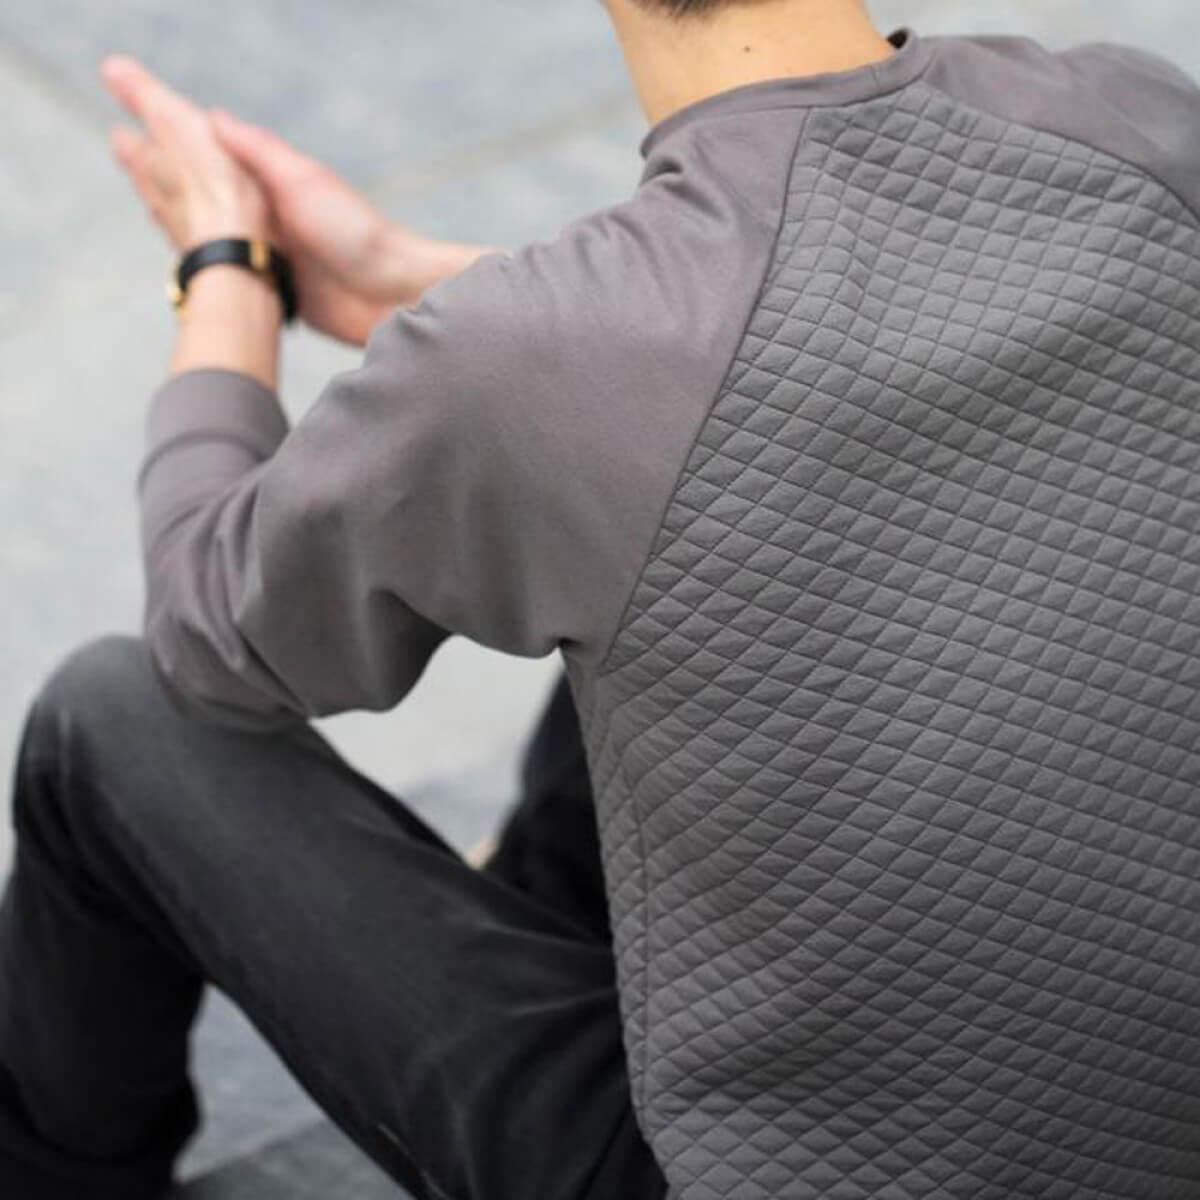 Sweat Chess Mercerie La Patron Caréfil De Shirt Homme Victor Maison gxwOq4U